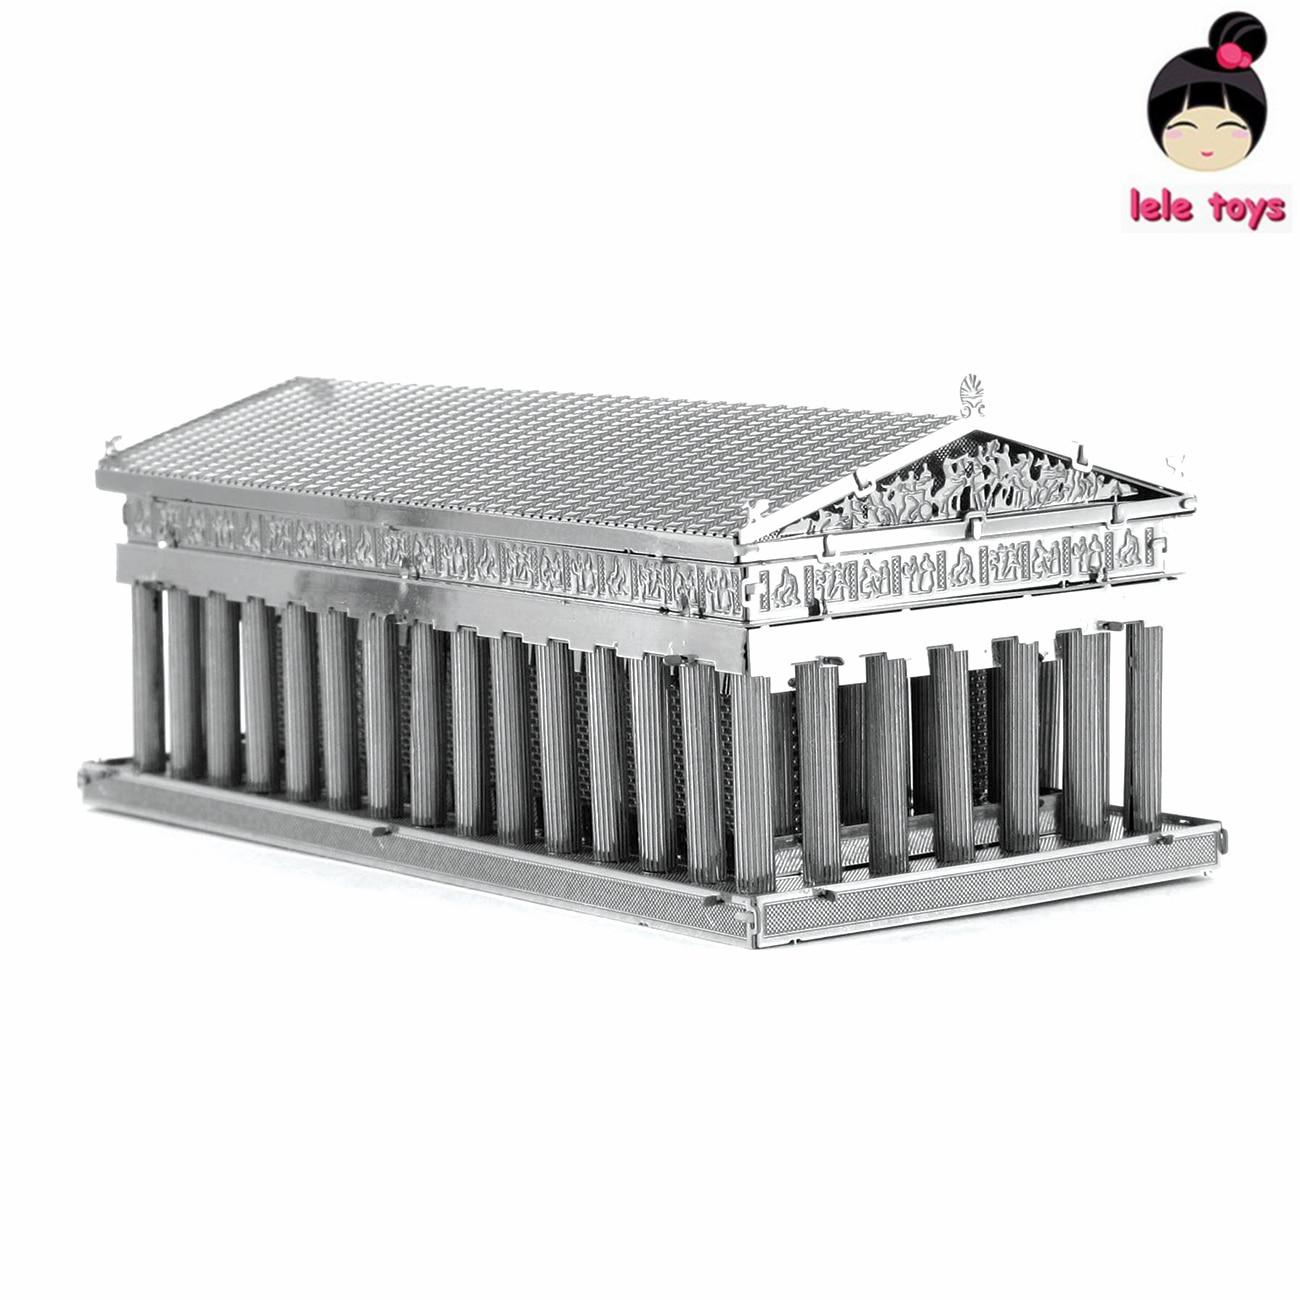 Partenone promozione fai spesa di articoli in promozione for Piani di costruzione di edifici in metallo